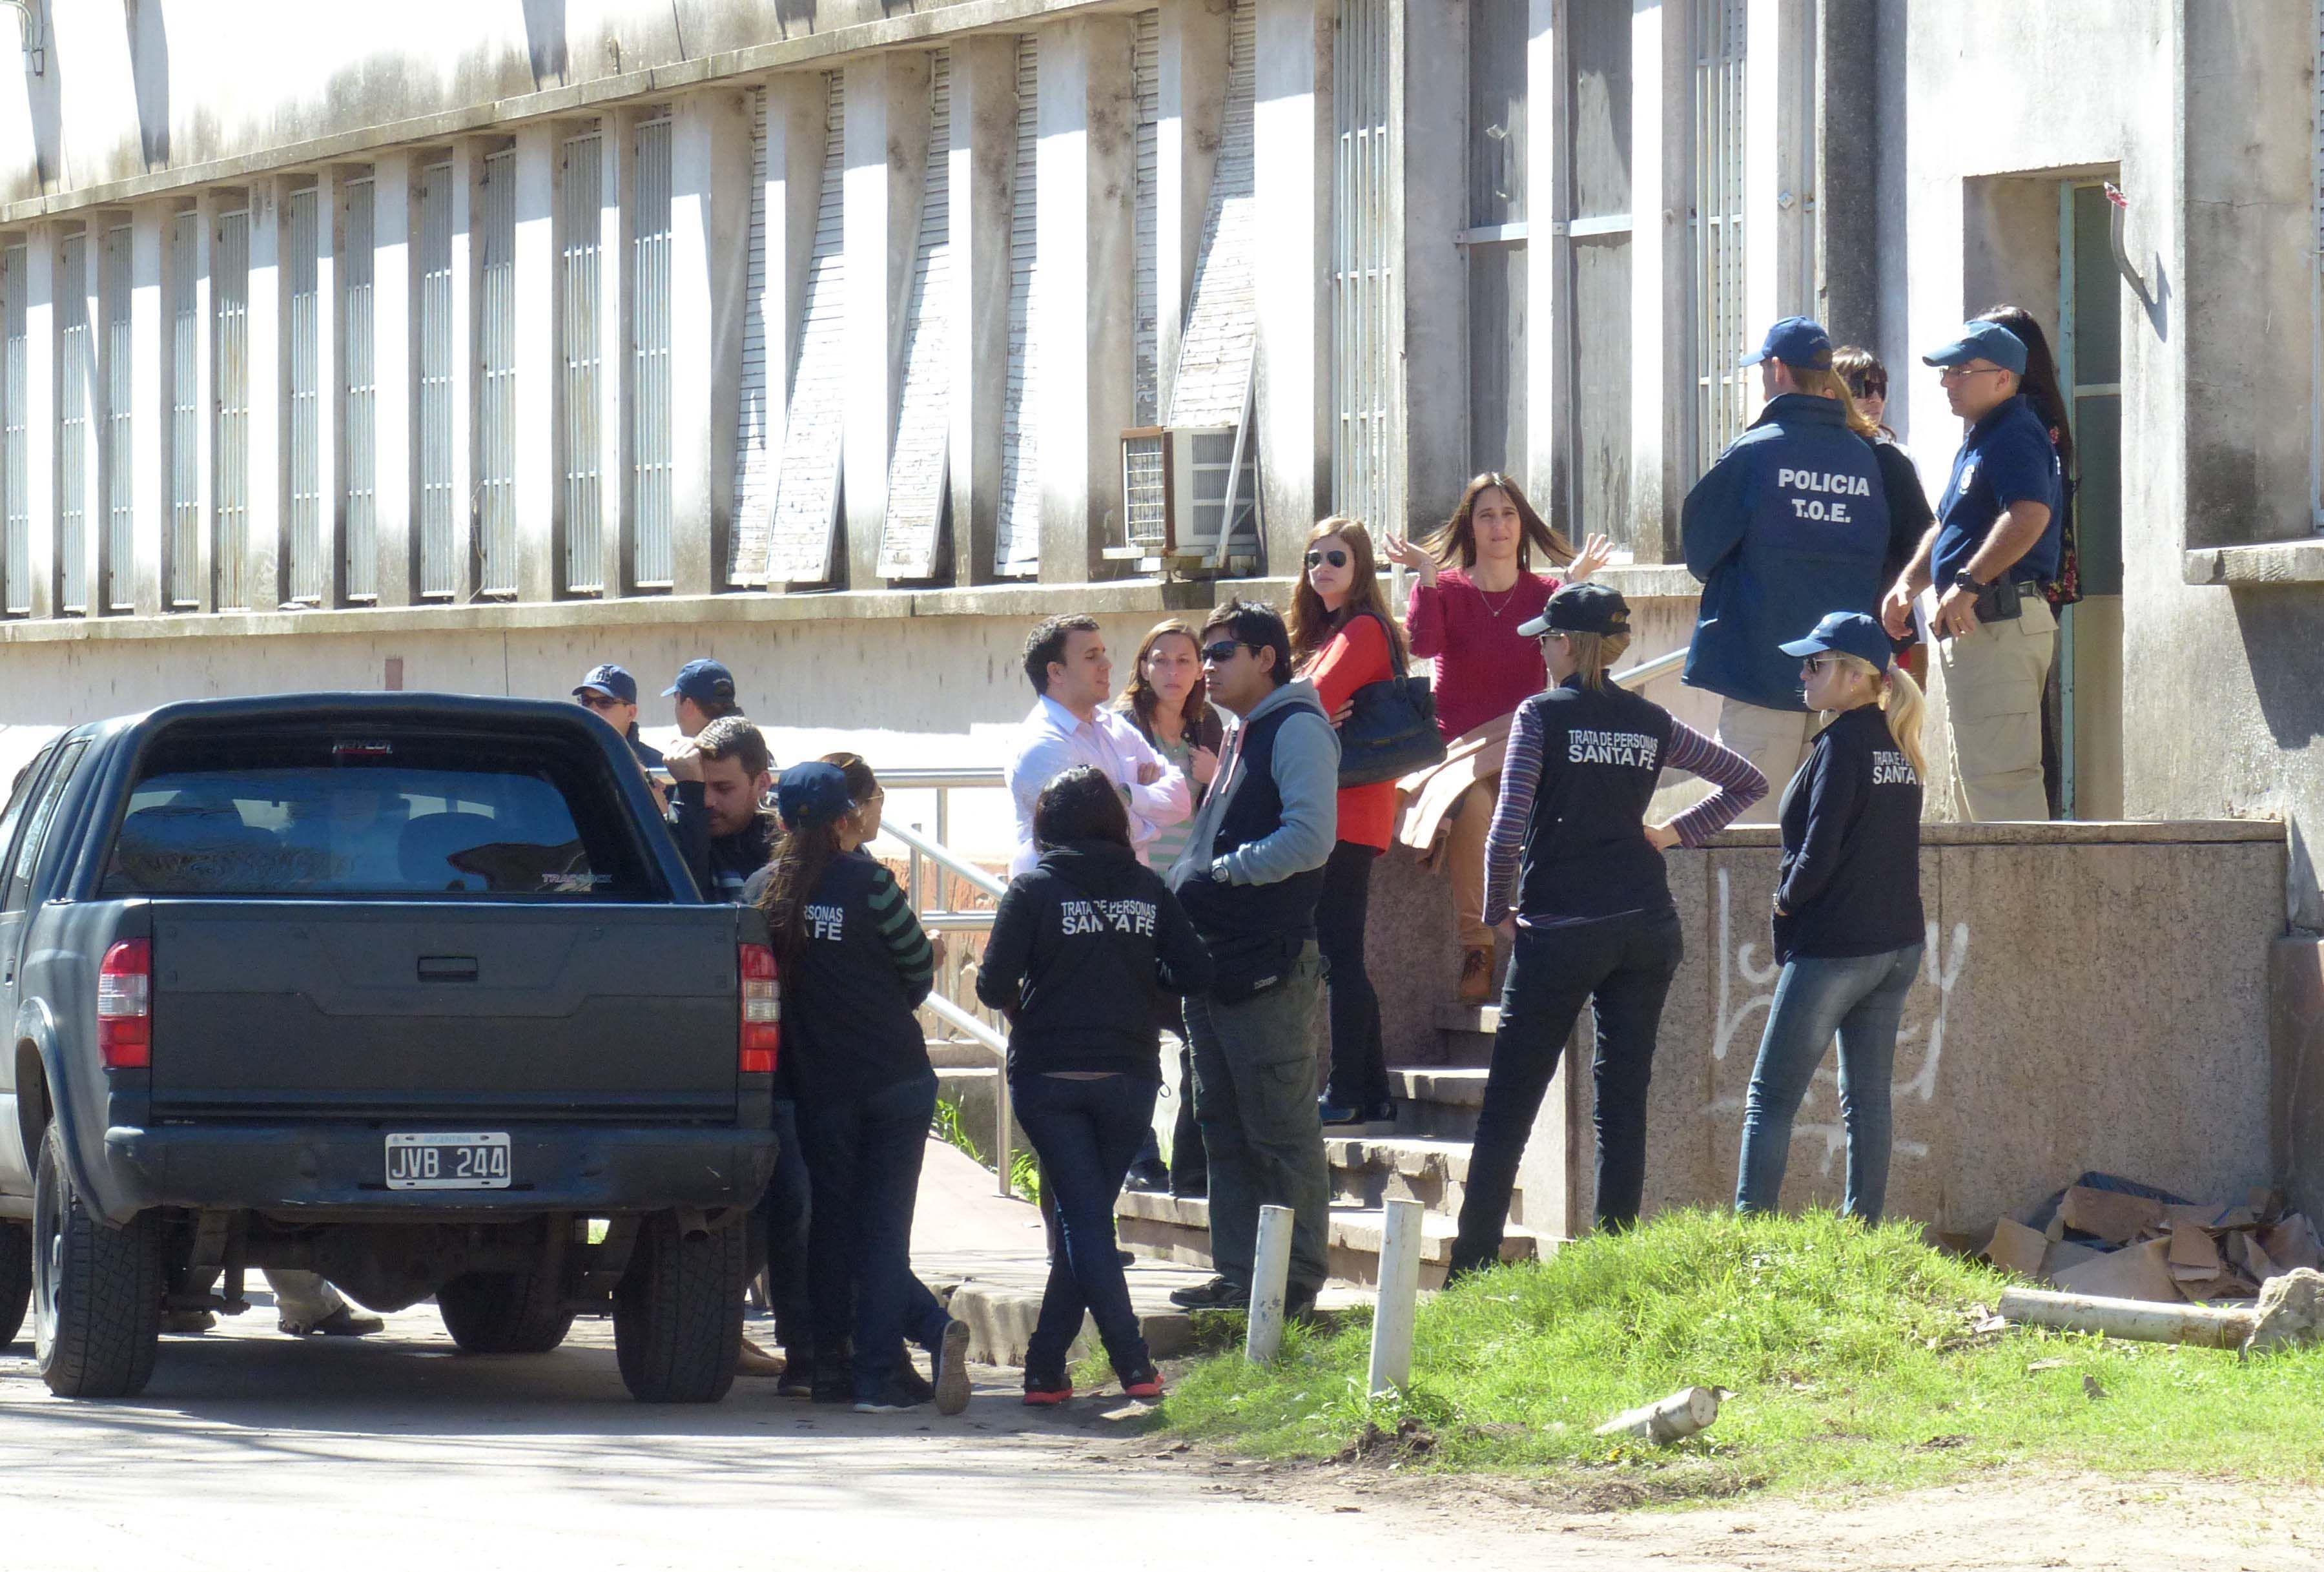 La reconstrucción del hecho se realizó también el Hopital Eva Perón de Granadero Baigorria. (Foto: A. Amaya)